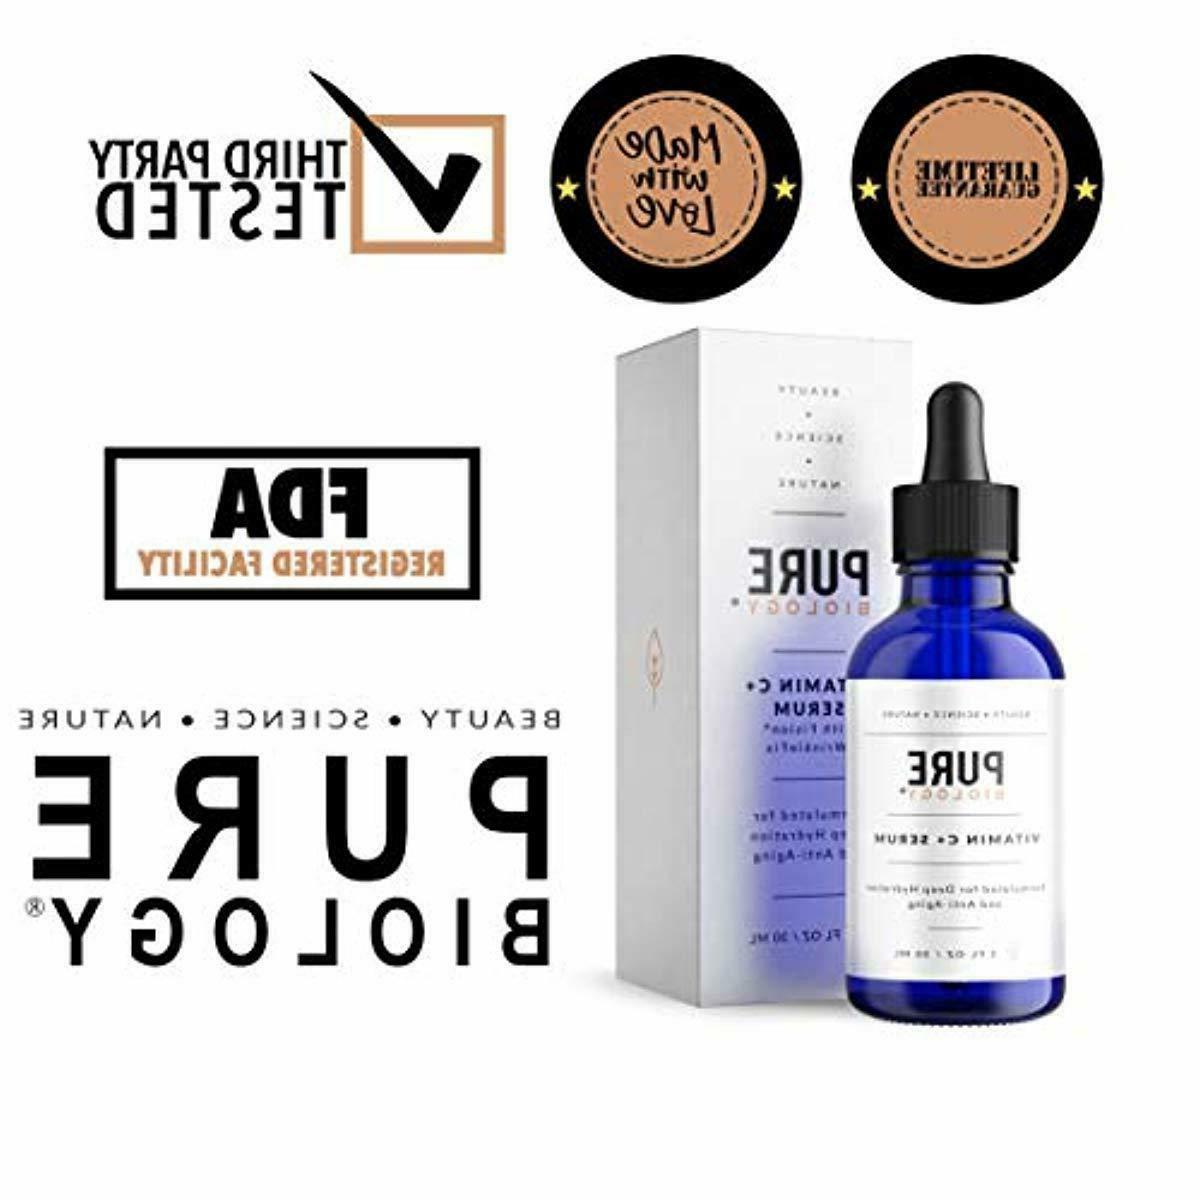 Premium 30% Acid Vitamin E Breakthrough